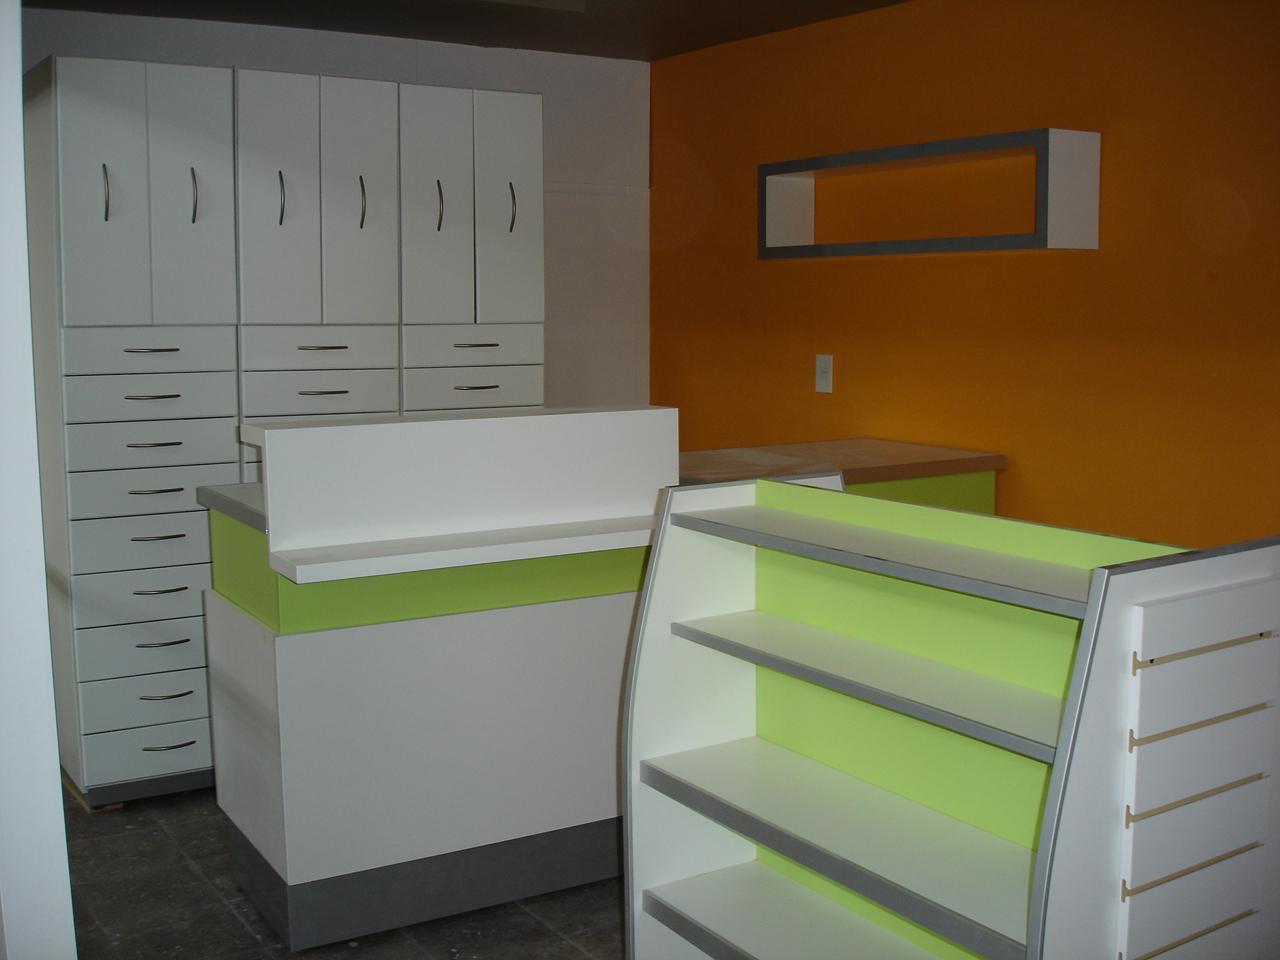 Dise o de mobiliario muebles para farmacias for Mobiliario de diseno